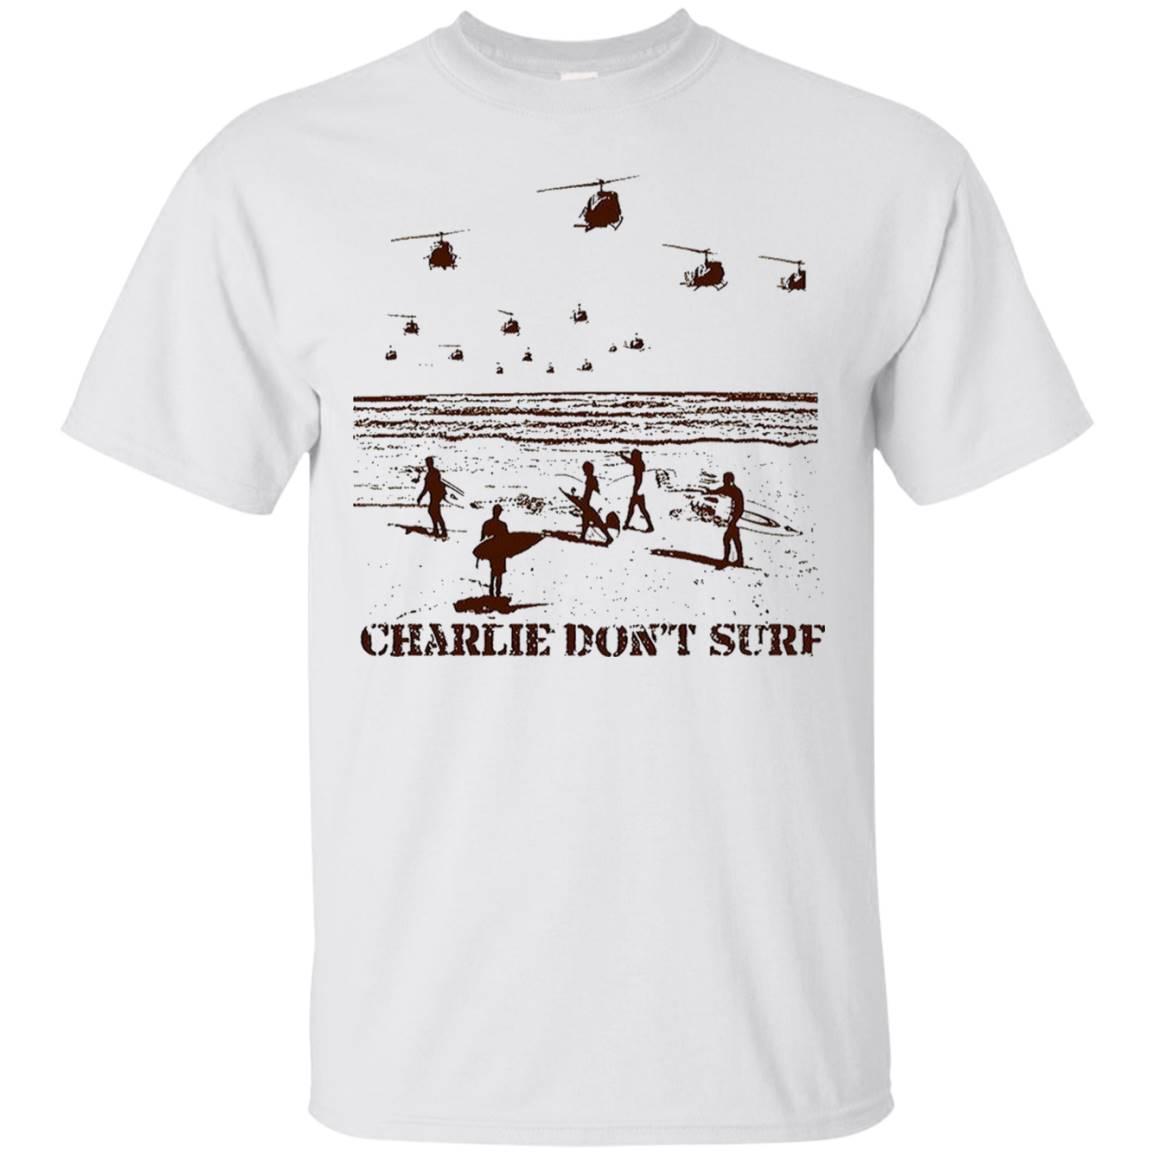 Charlie Don't Surf TShirts